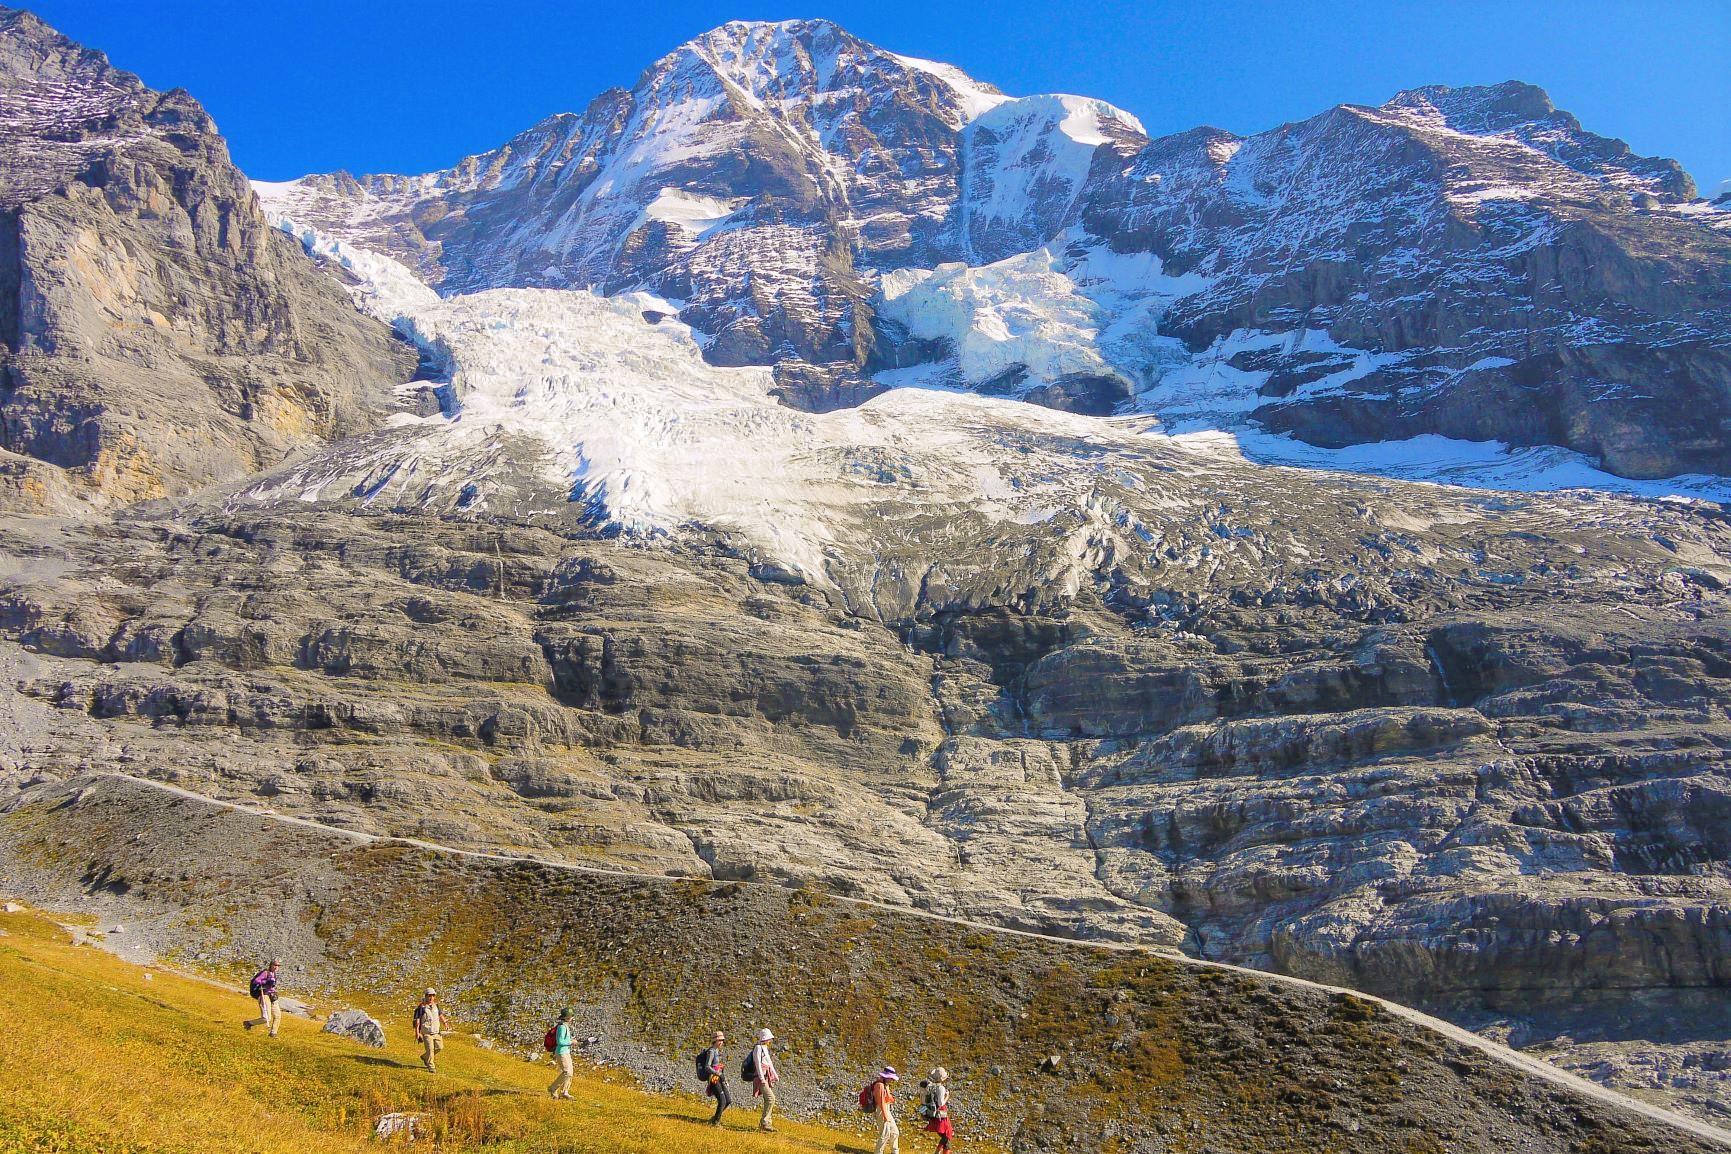 【創業50周年記念特別企画/ベスト・オブ・ジ・アルプスAコース】9月1日出発 連泊で楽しむスイス・アルプスゆったりハイキング 9日間